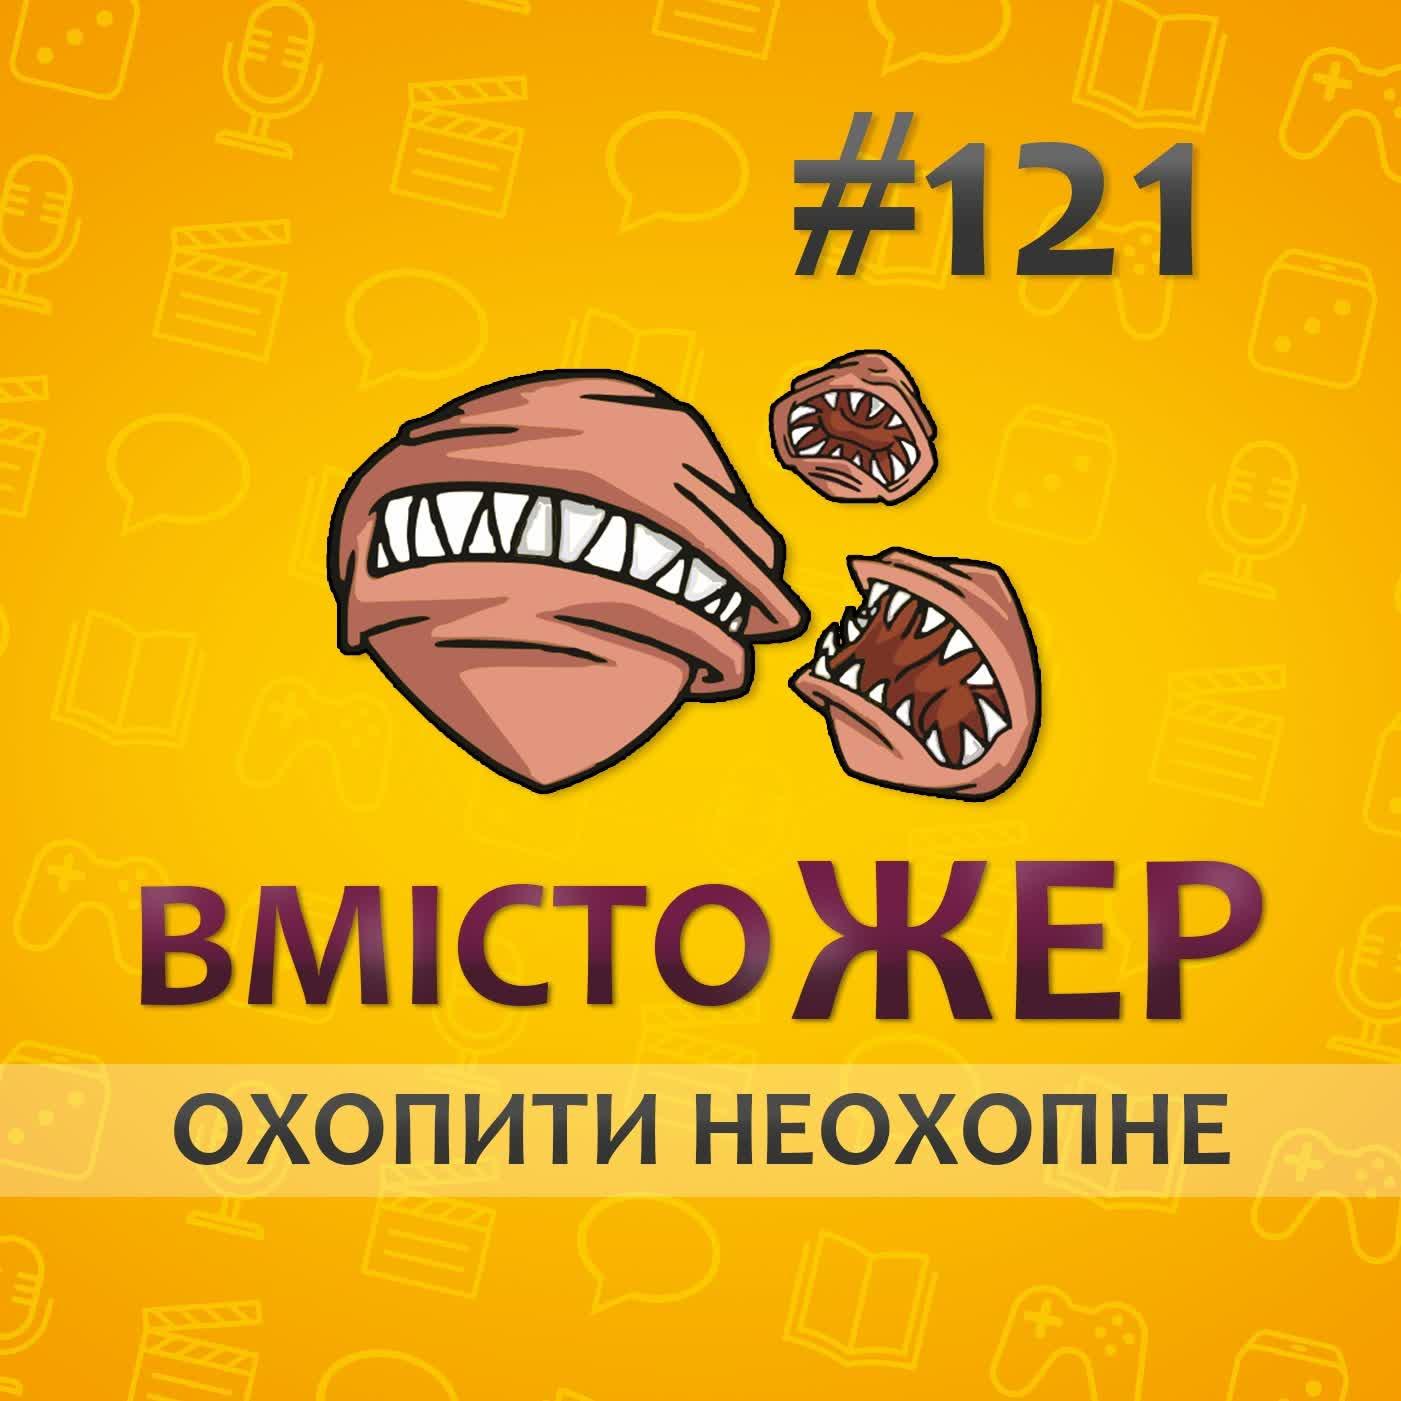 Вмістожер 121 — ОХОПИТИ НЕОХОПНЕ